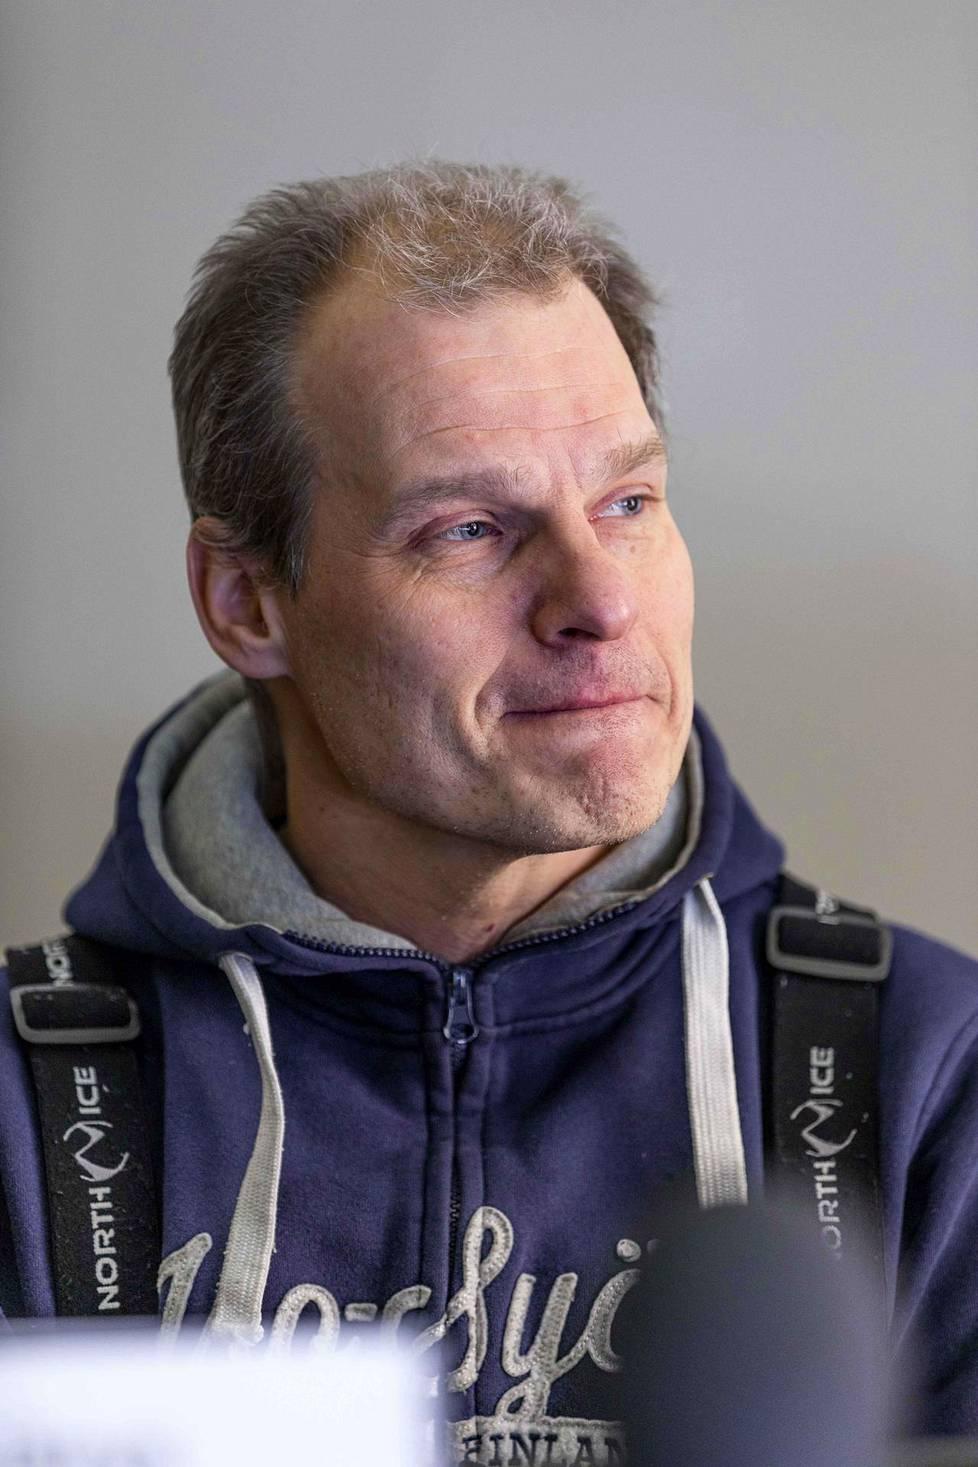 Hotellinjohtaja Juha Kuukasjärvi.